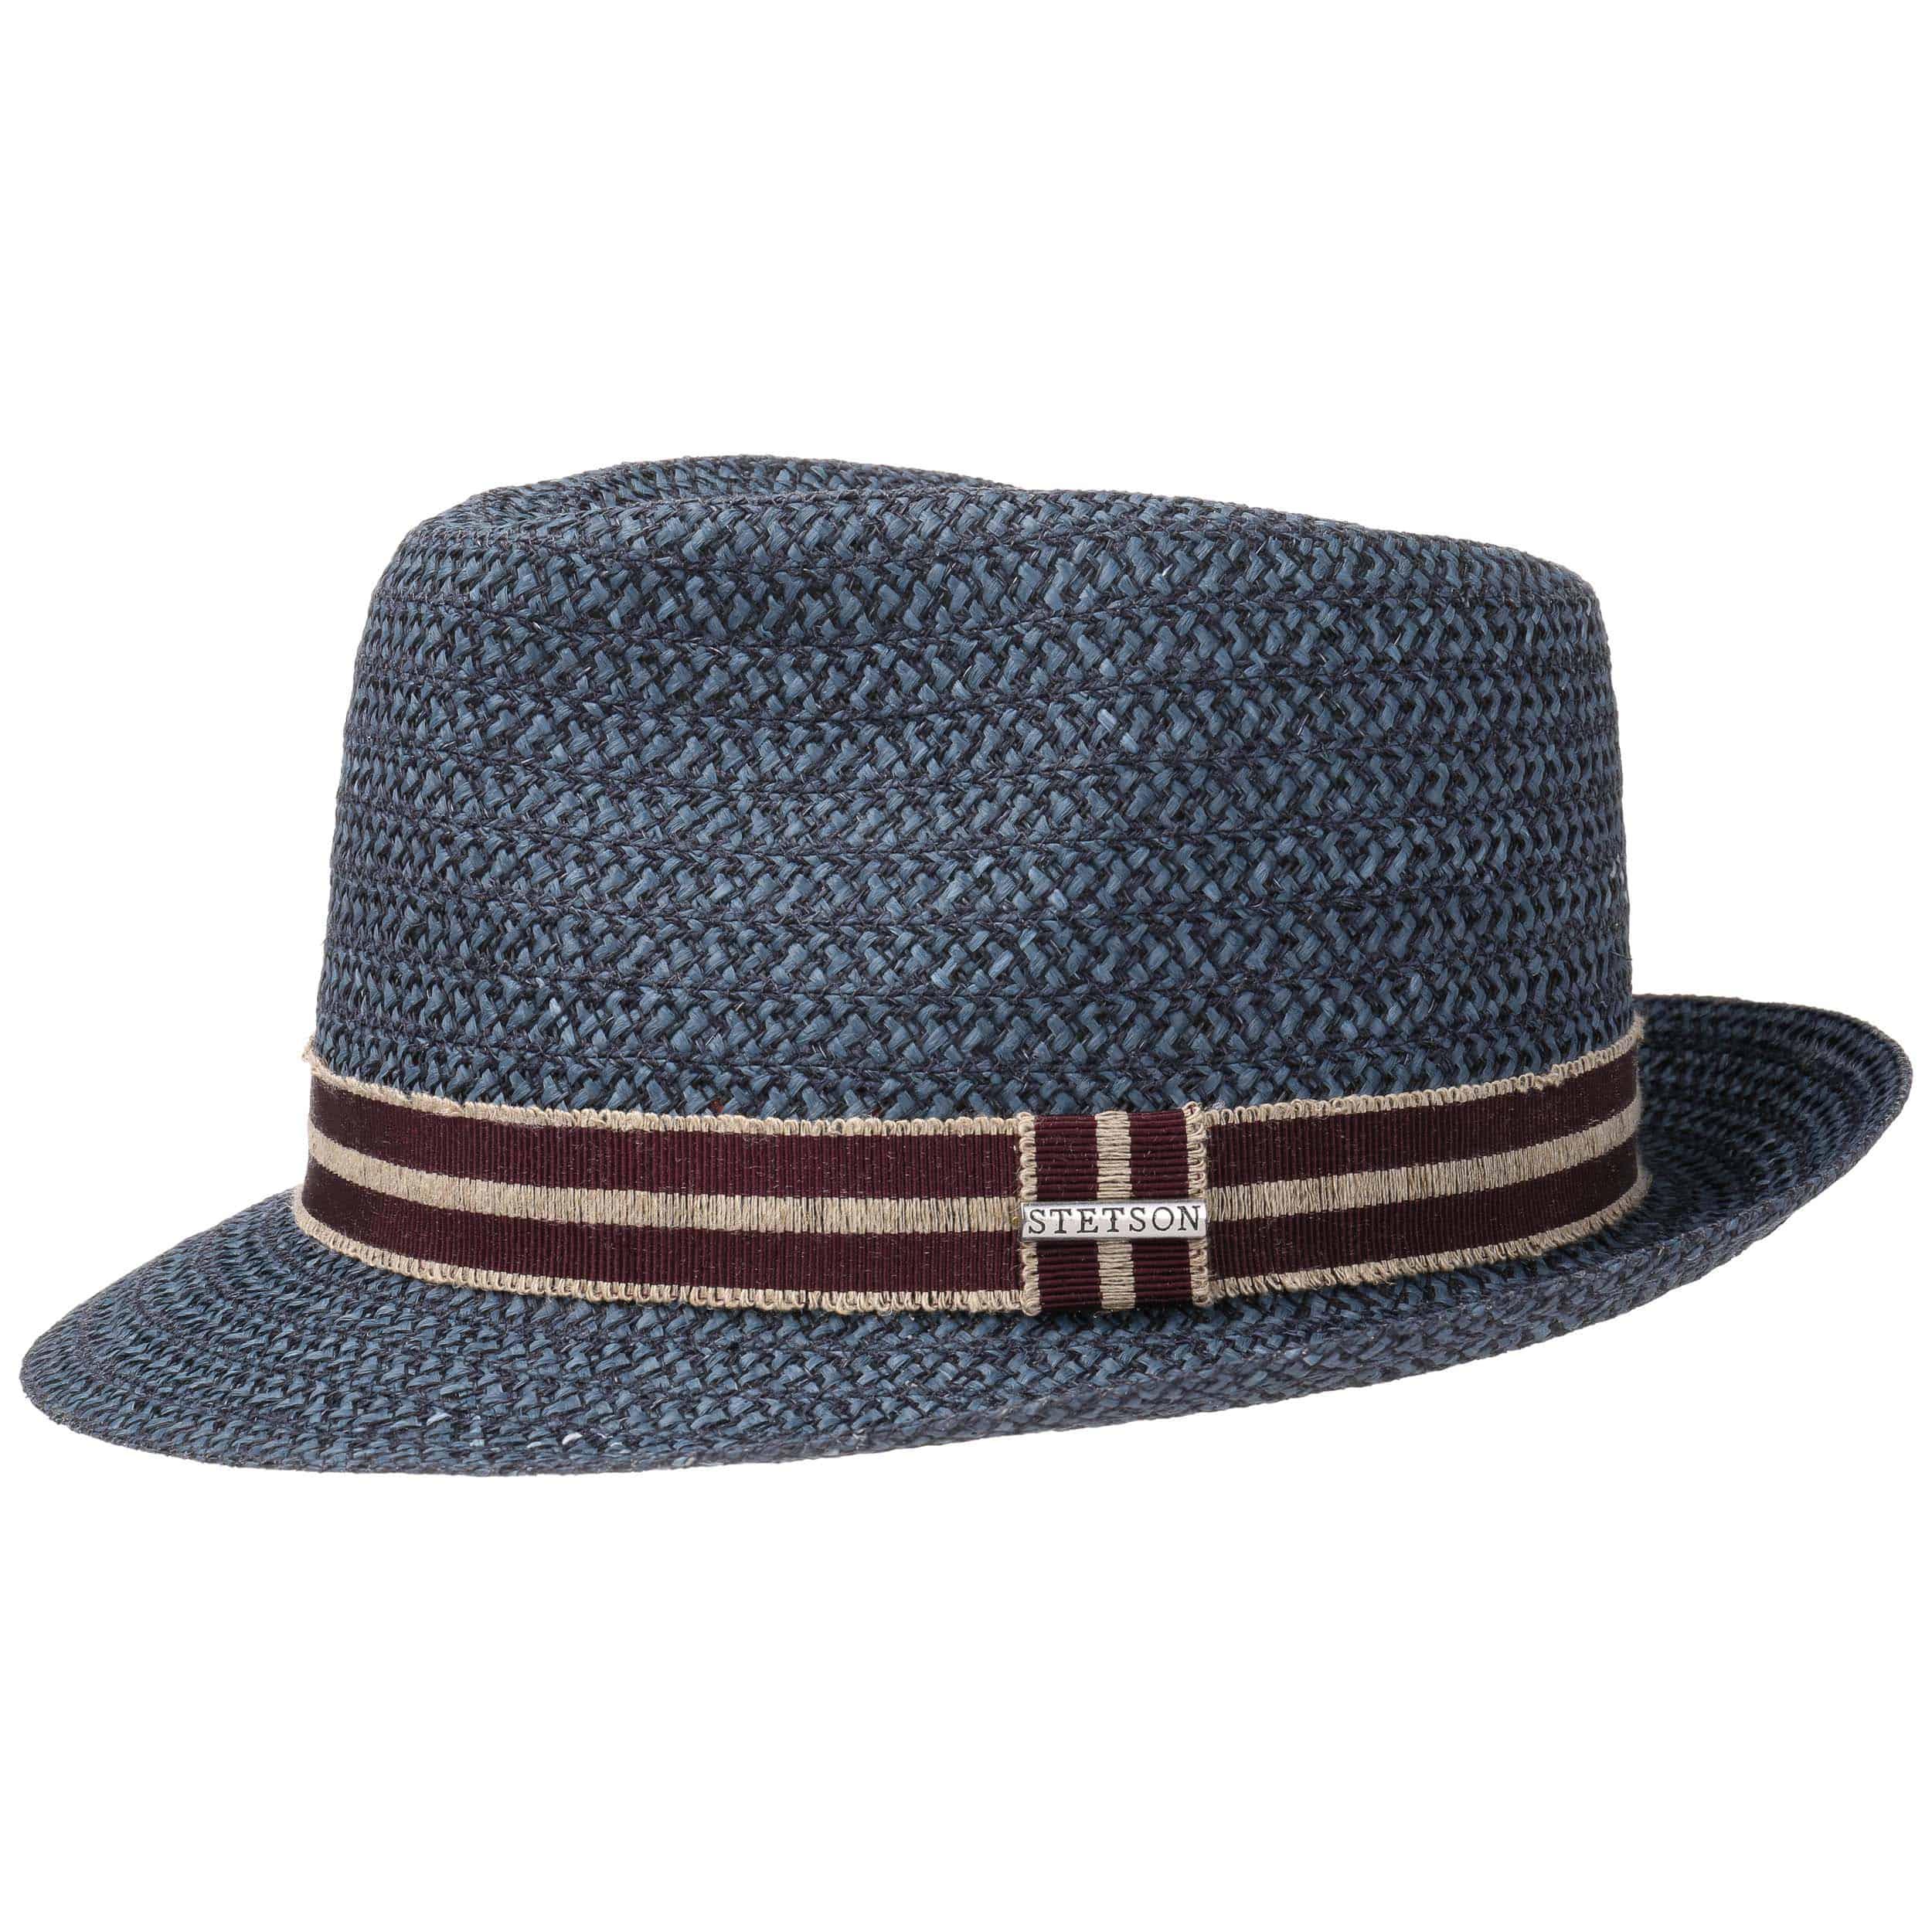 ... Fritch Fedora Hemp Hat by Stetson - blue 4 ... daed6fb50df